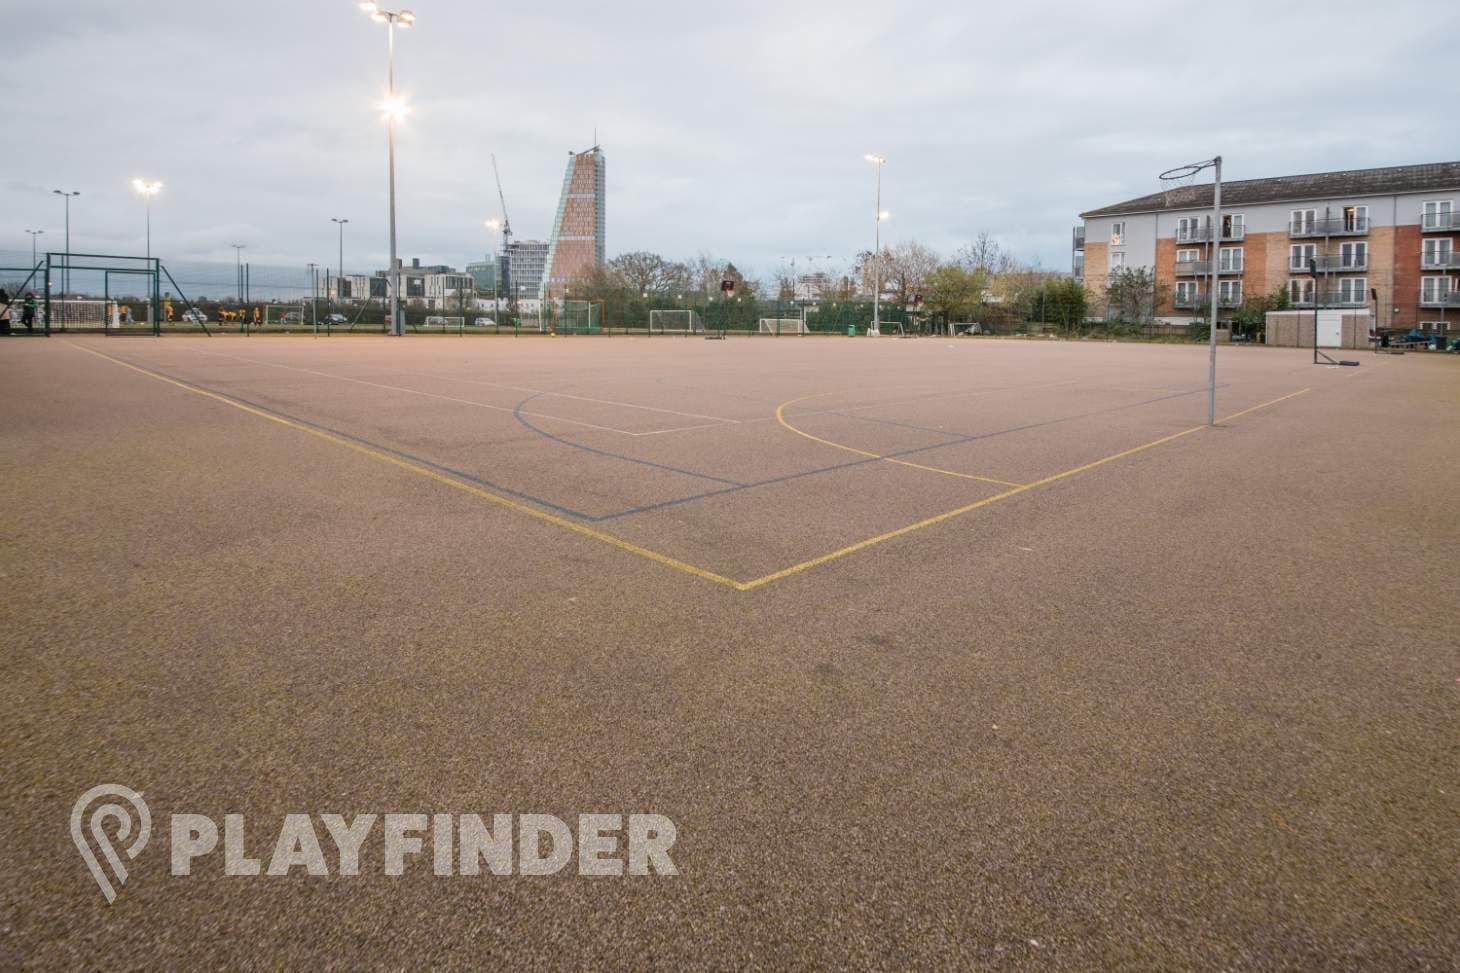 Ark Burlington Danes Academy Outdoor | Hard (macadam) tennis court